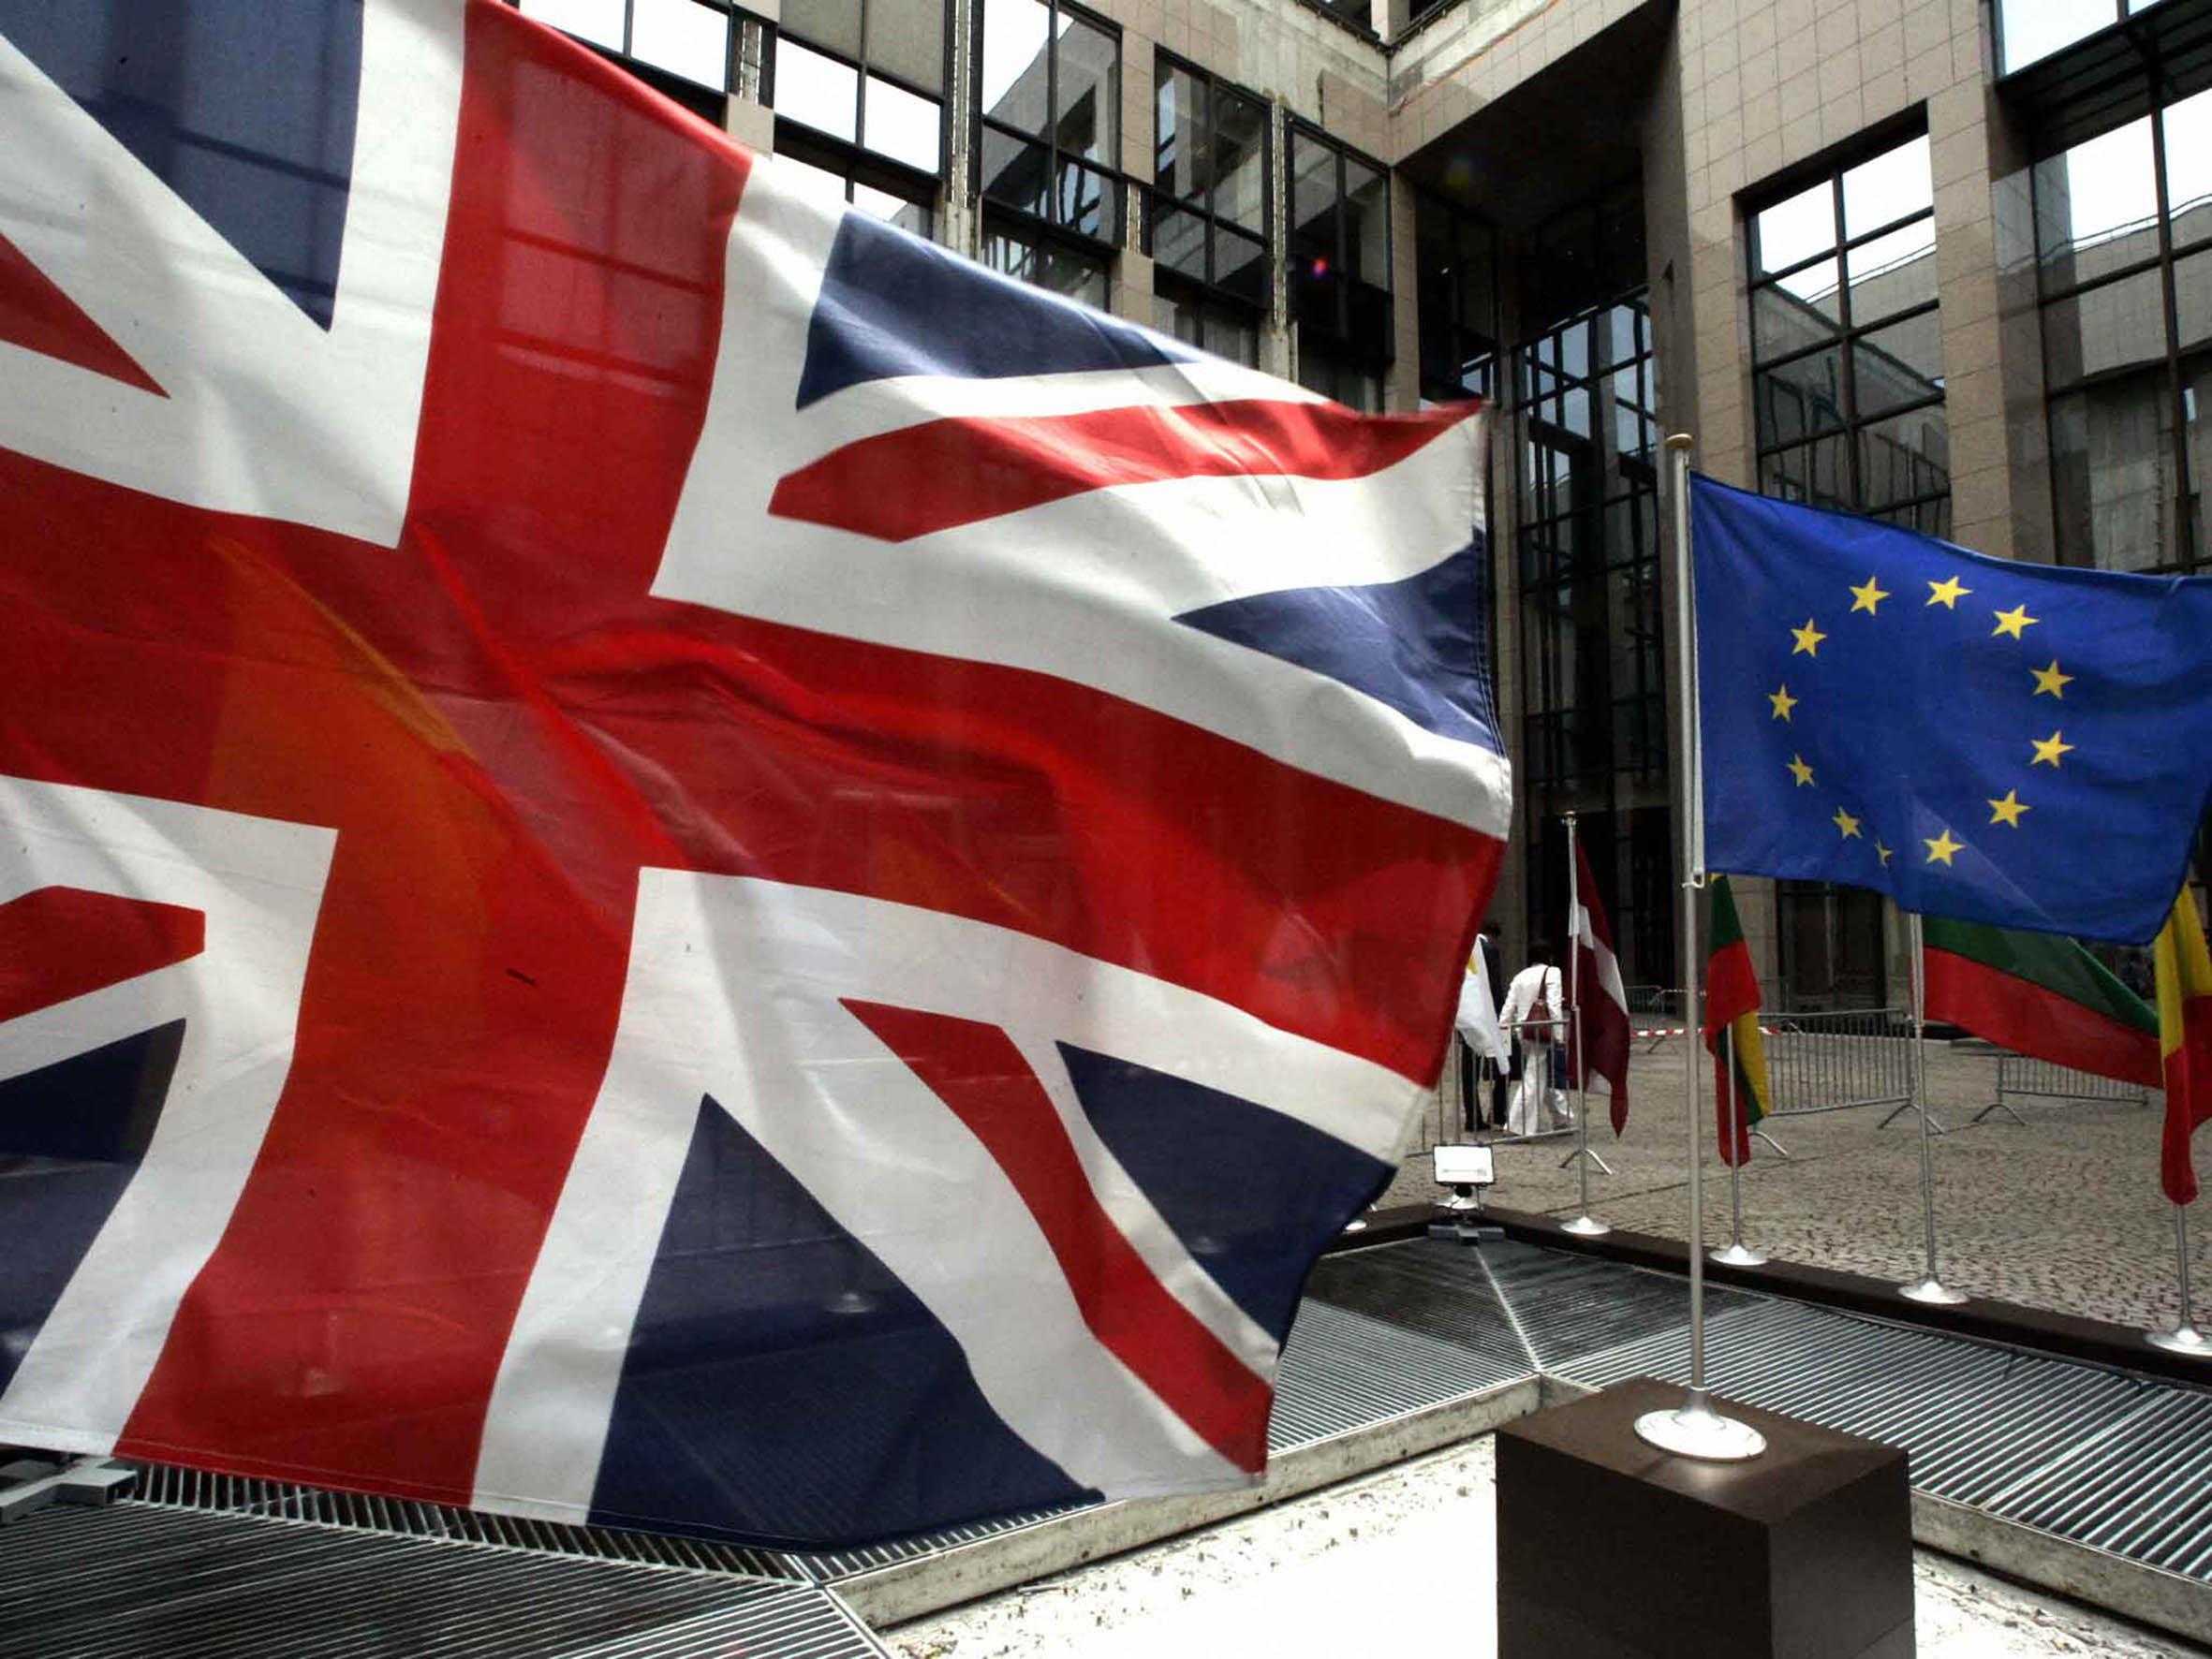 Resultados de búsqueda Existe ya un efecto de pérdida en Europa por el Reino Unido-UNAM